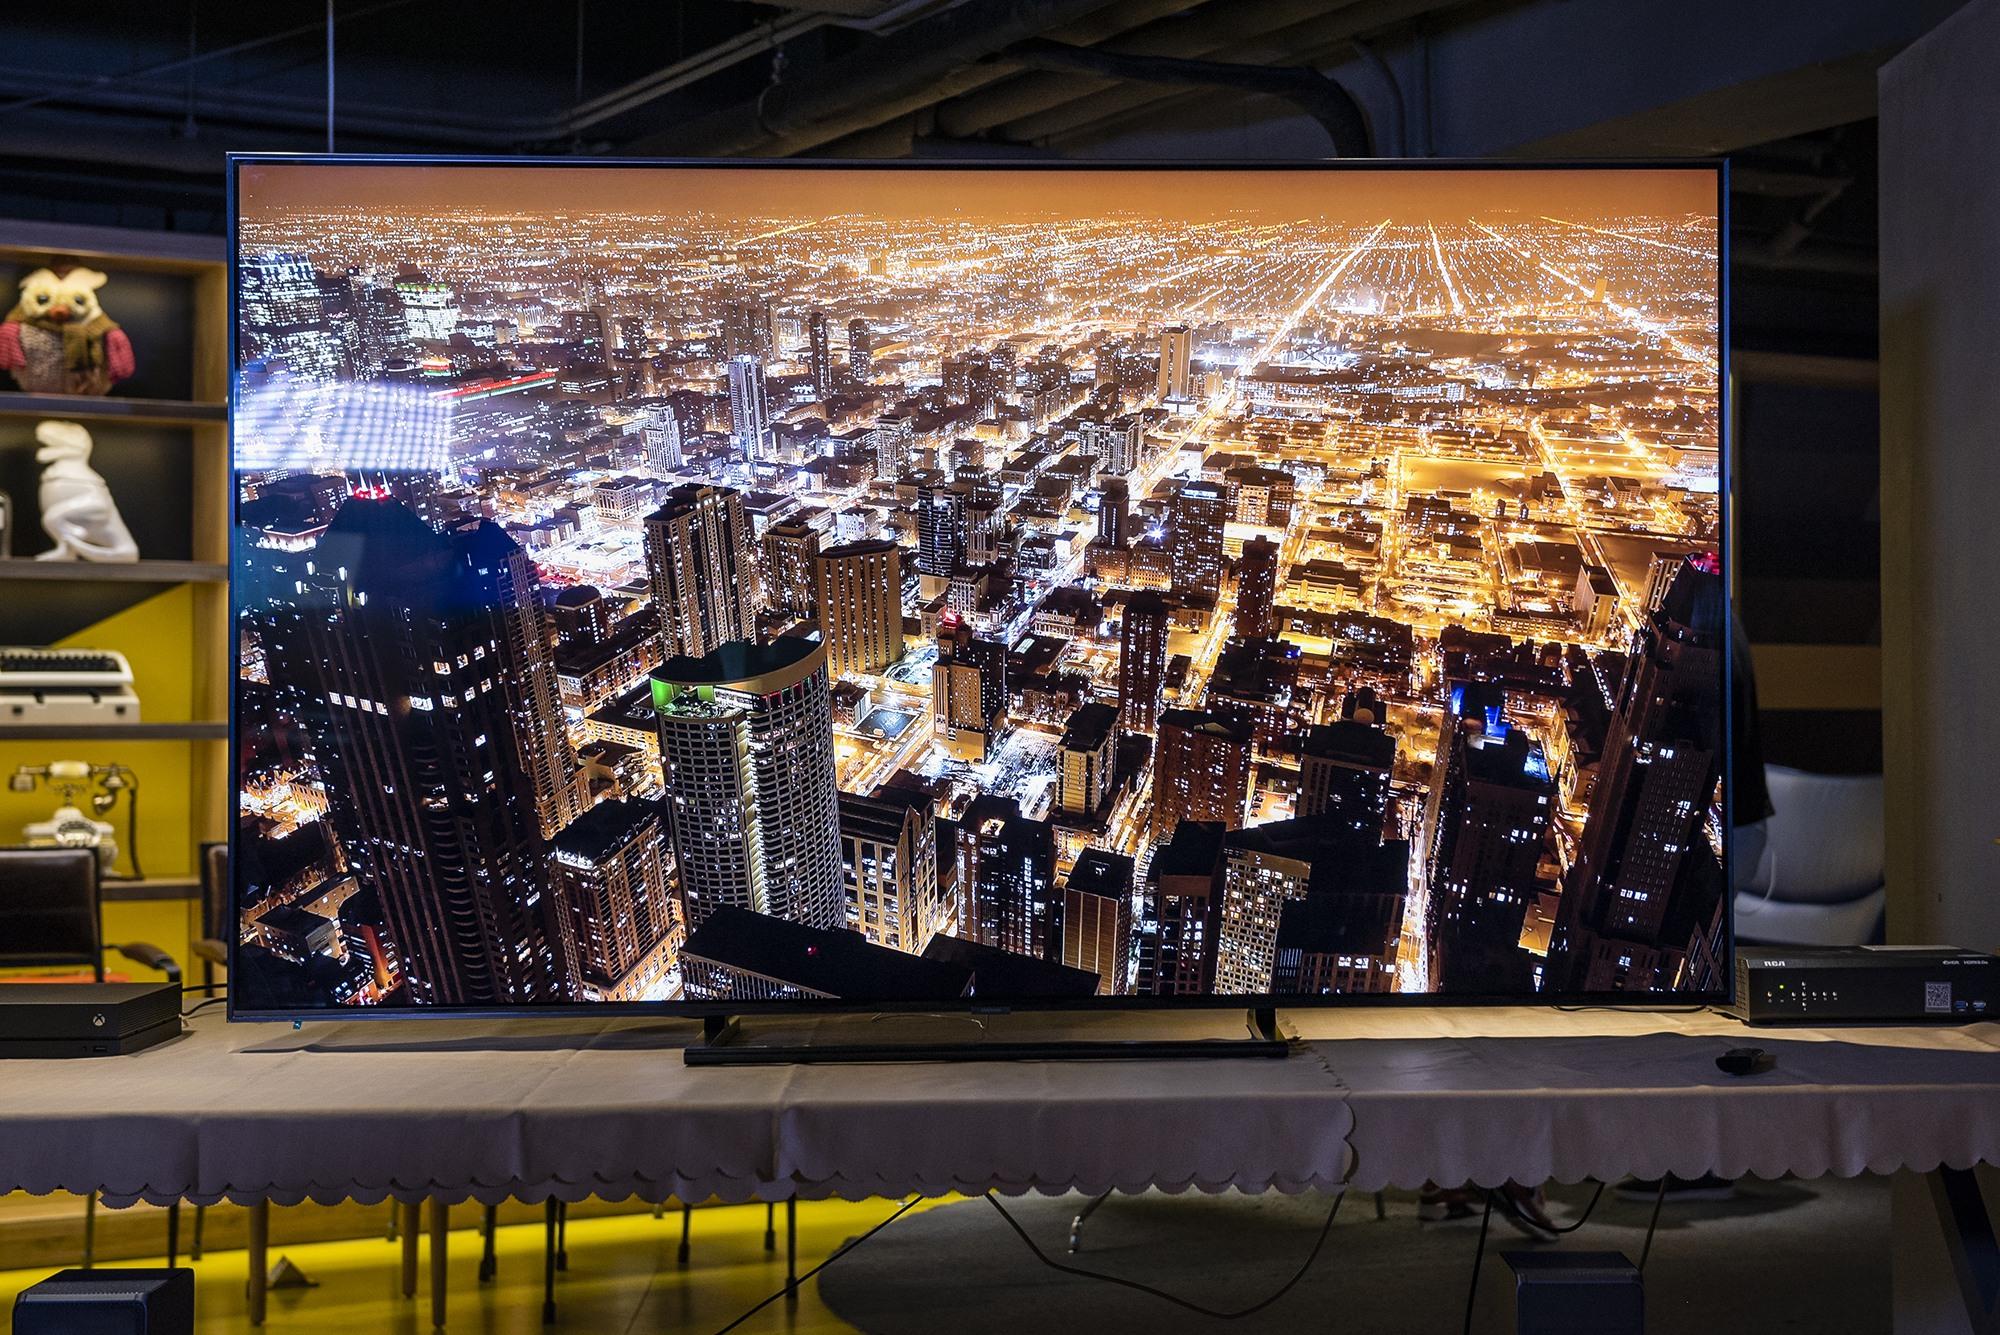 像极了壁画!超窄边框,画质惊艳——三星电视Q9F体验